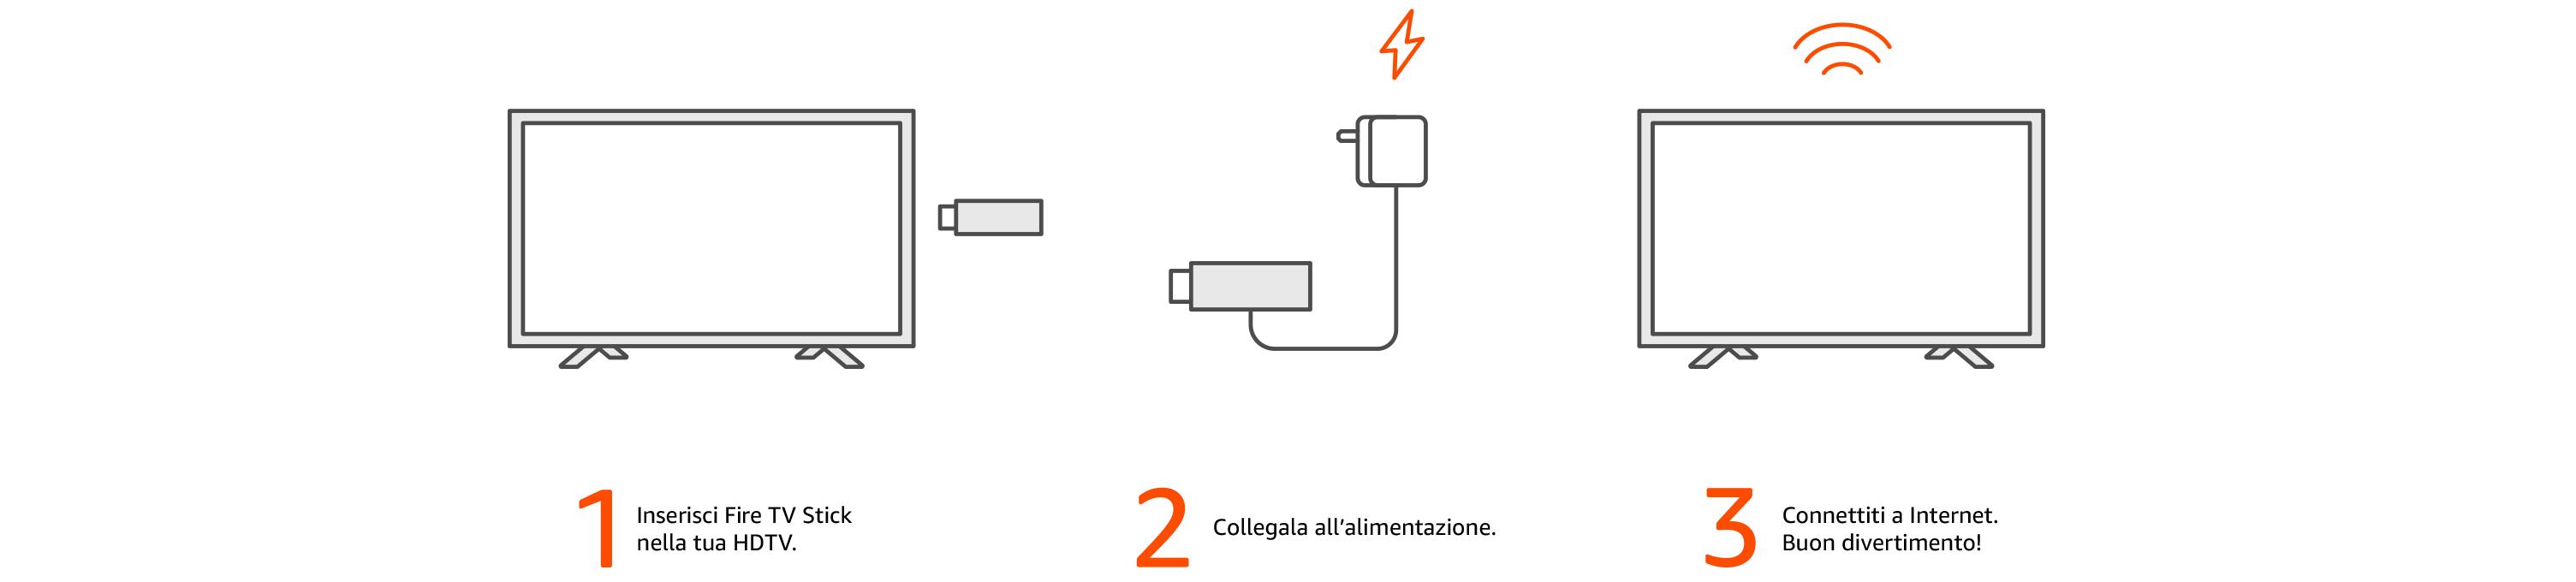 Facile da configurare e usare